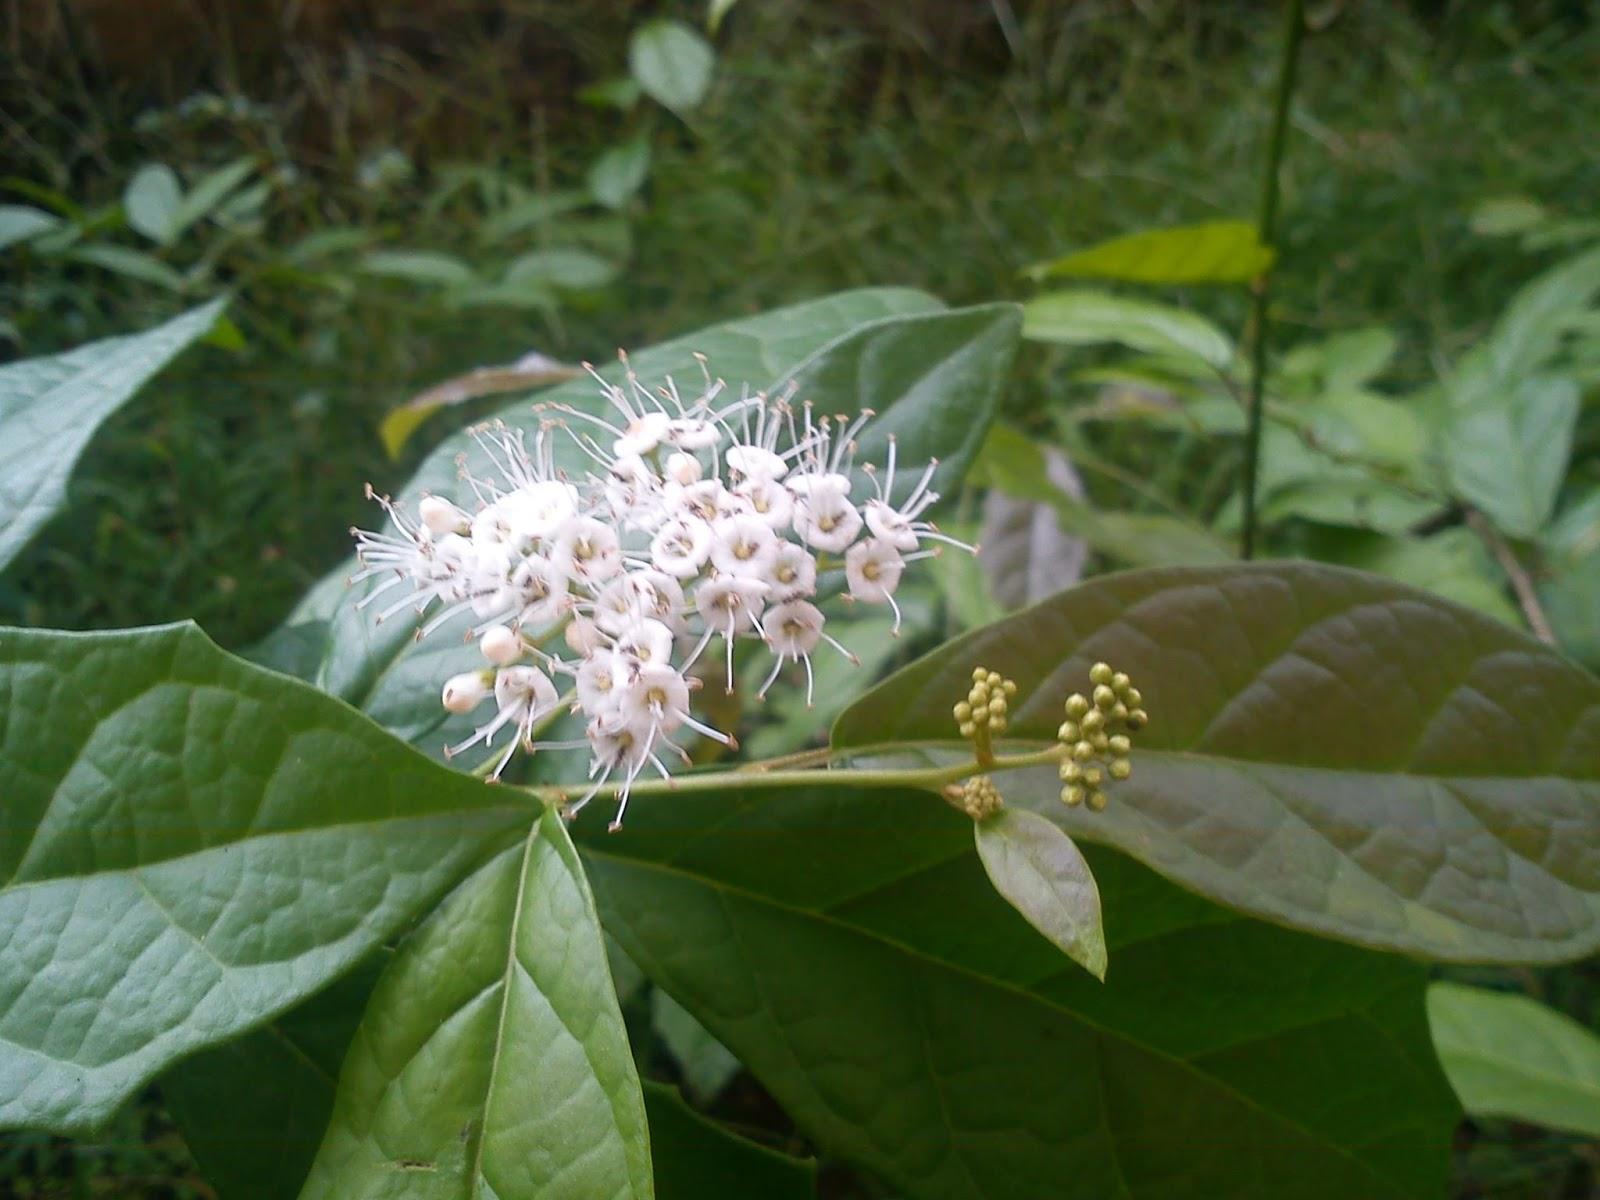 Hình ảnh cây thuốc xạ đen trong tự nhiên có hoa màu trắng.